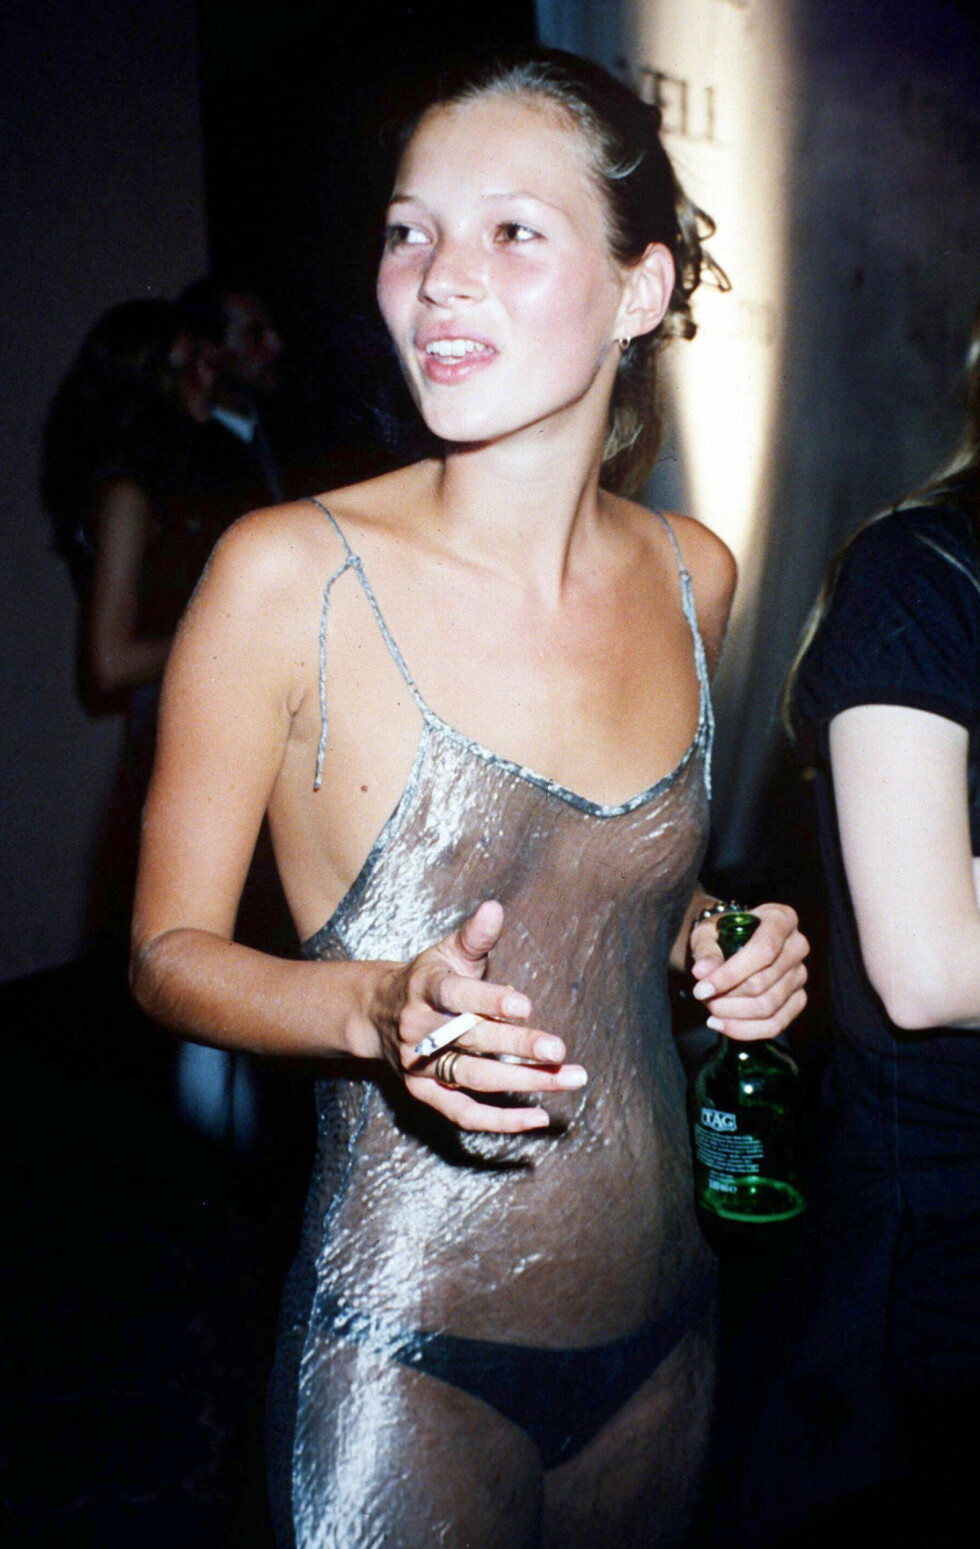 ANNO 1993: Kate Moss var her 20 år gammel. Foto: All Over Press